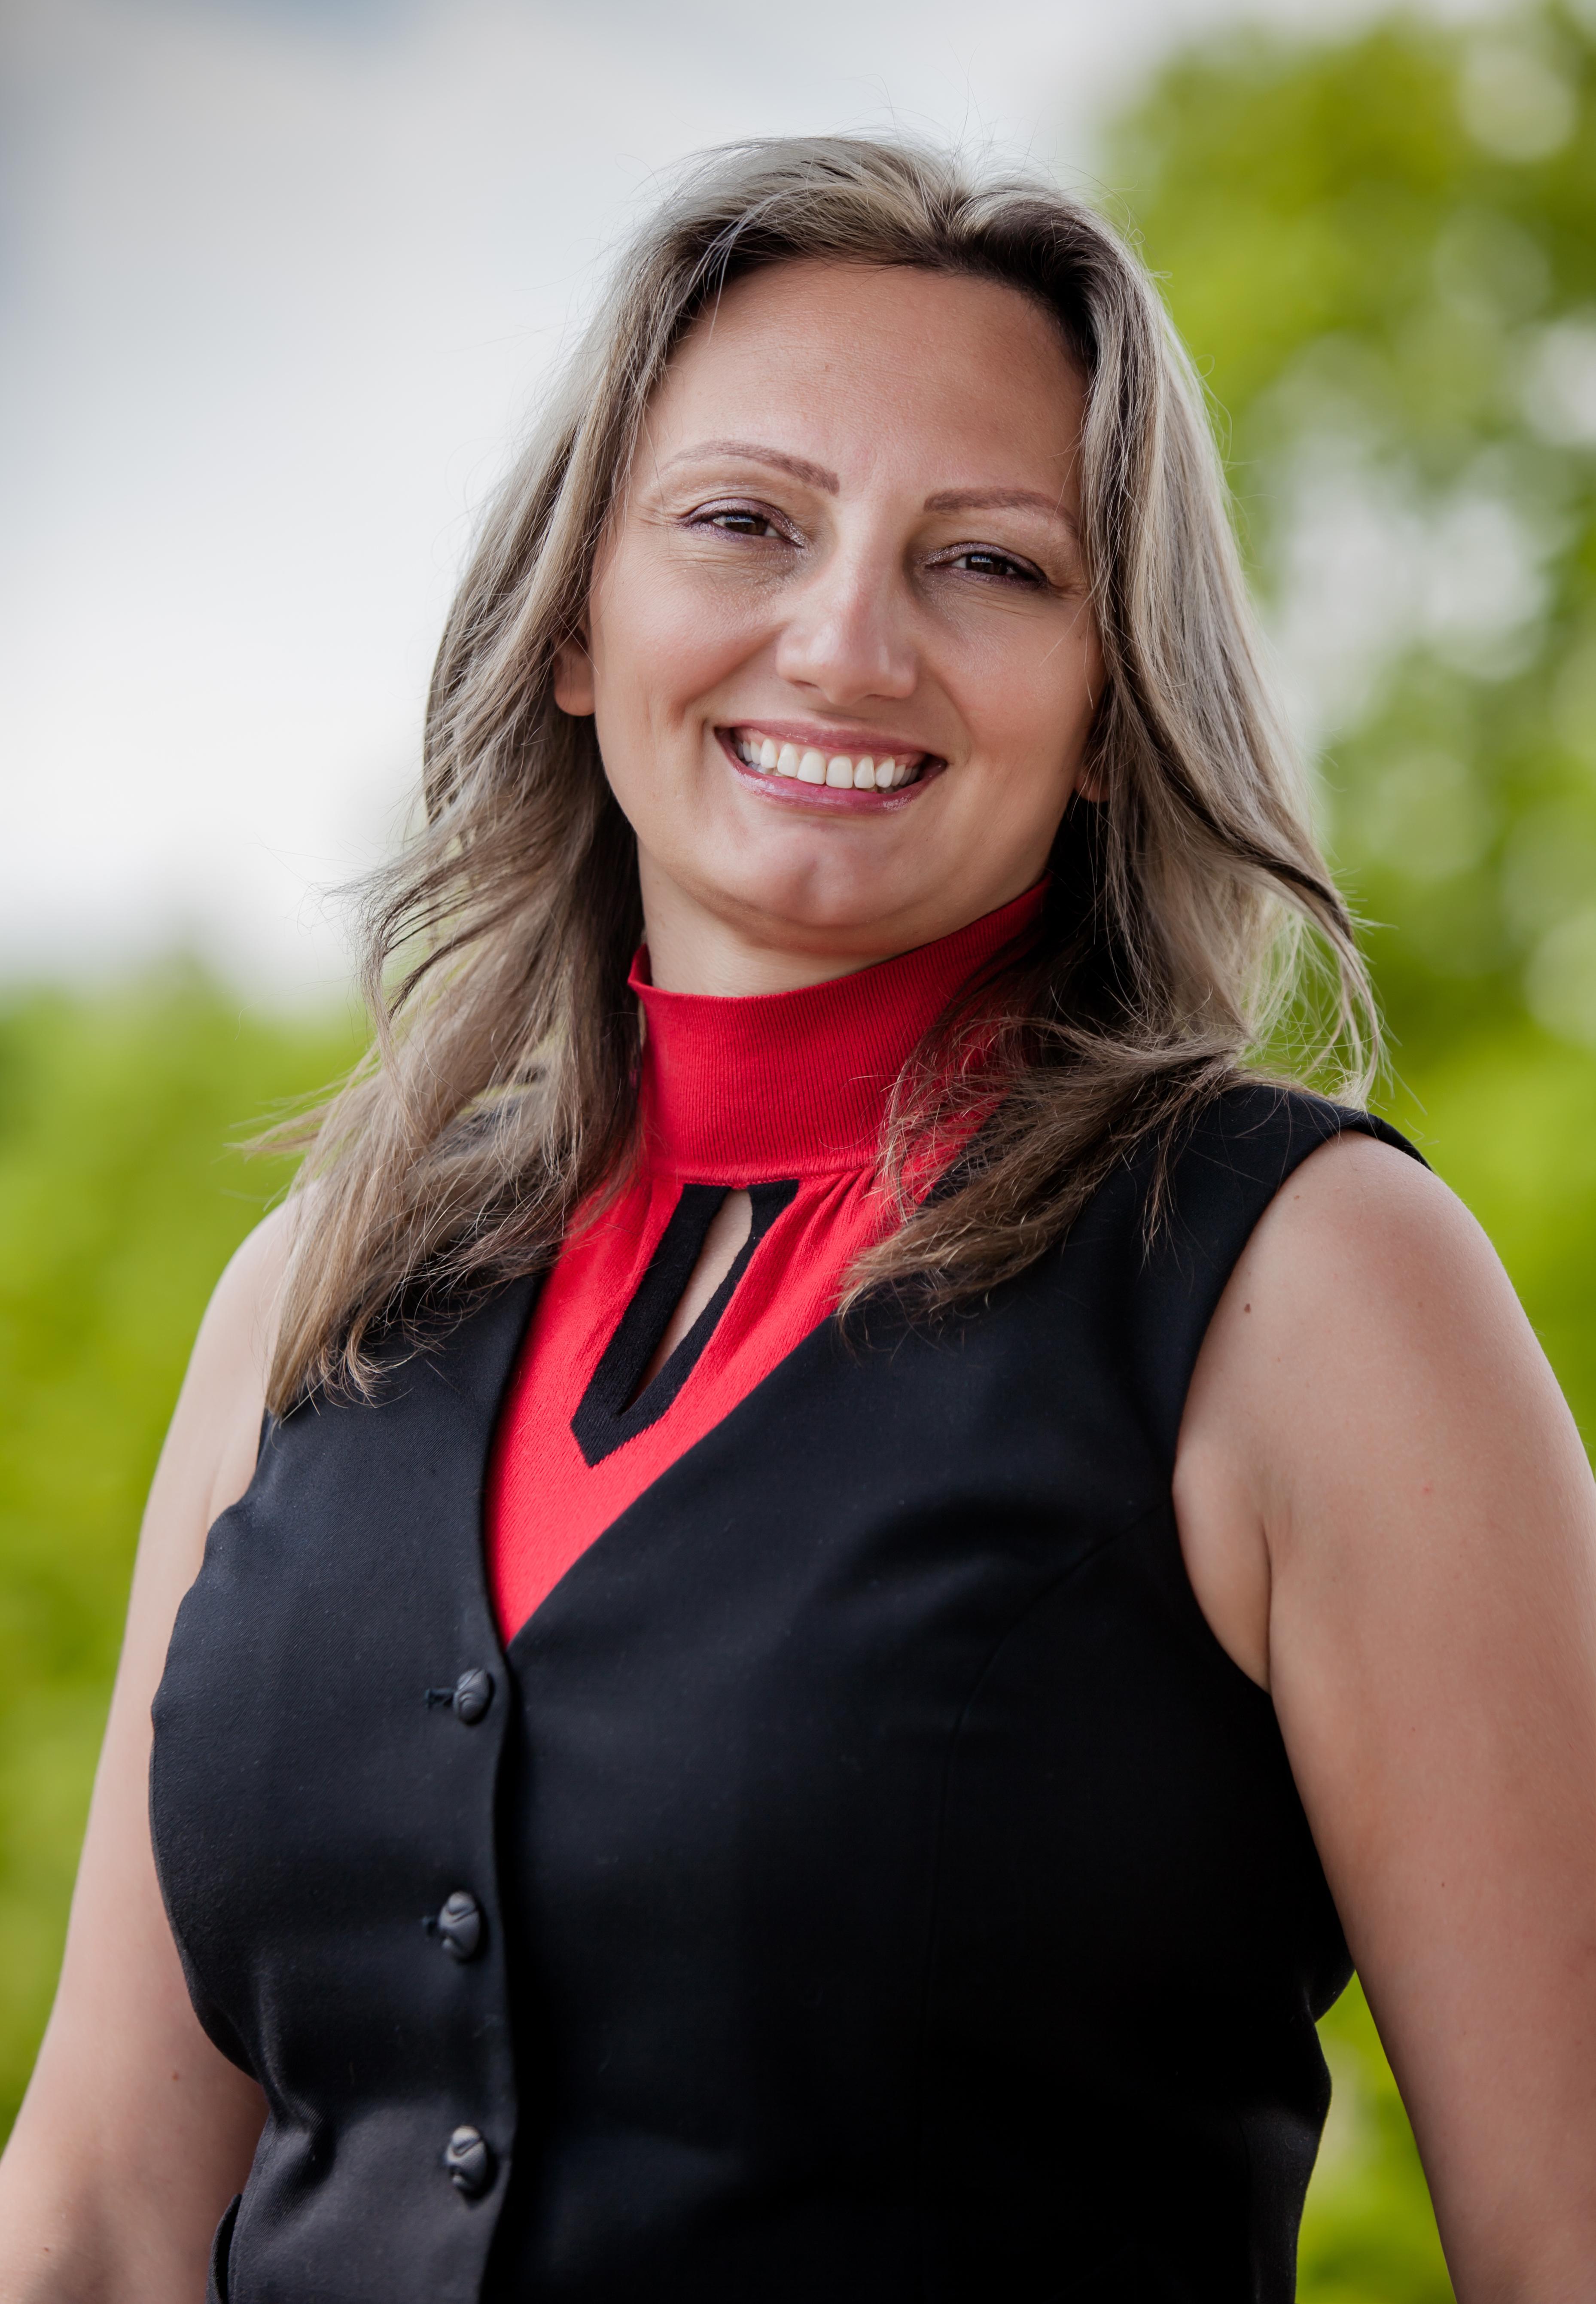 mentor early warning Victoria Iwanowska